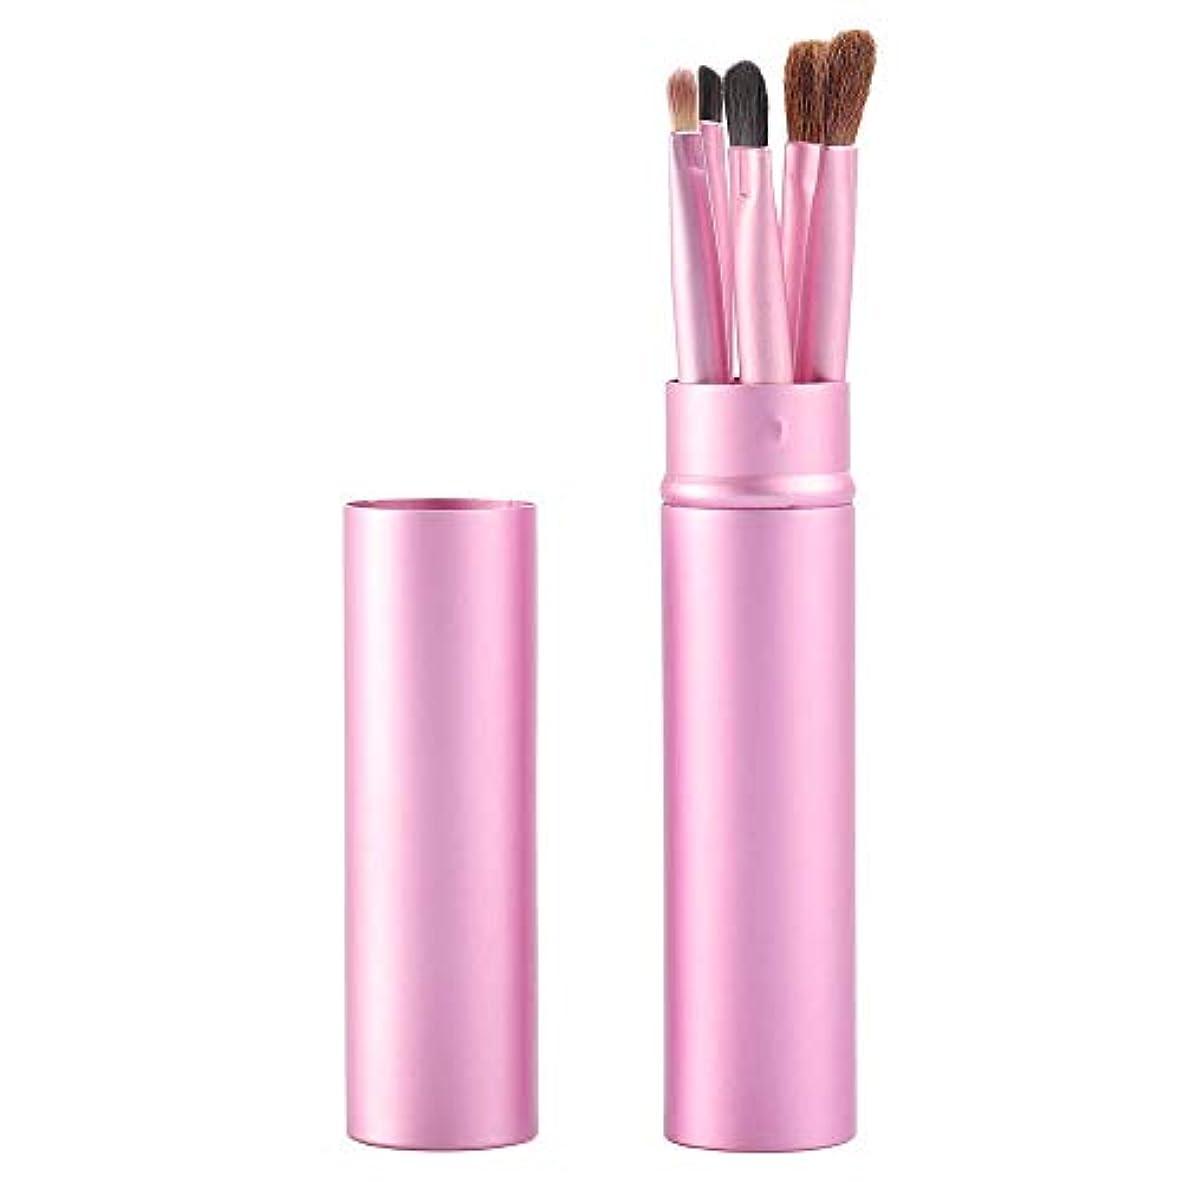 無実ハング文化粧ブラシ ドゥケア 化粧筆 高級天然毛 アイシャドウブラシ 携帯5点セット化粧ブラシホルダー (ピンク)